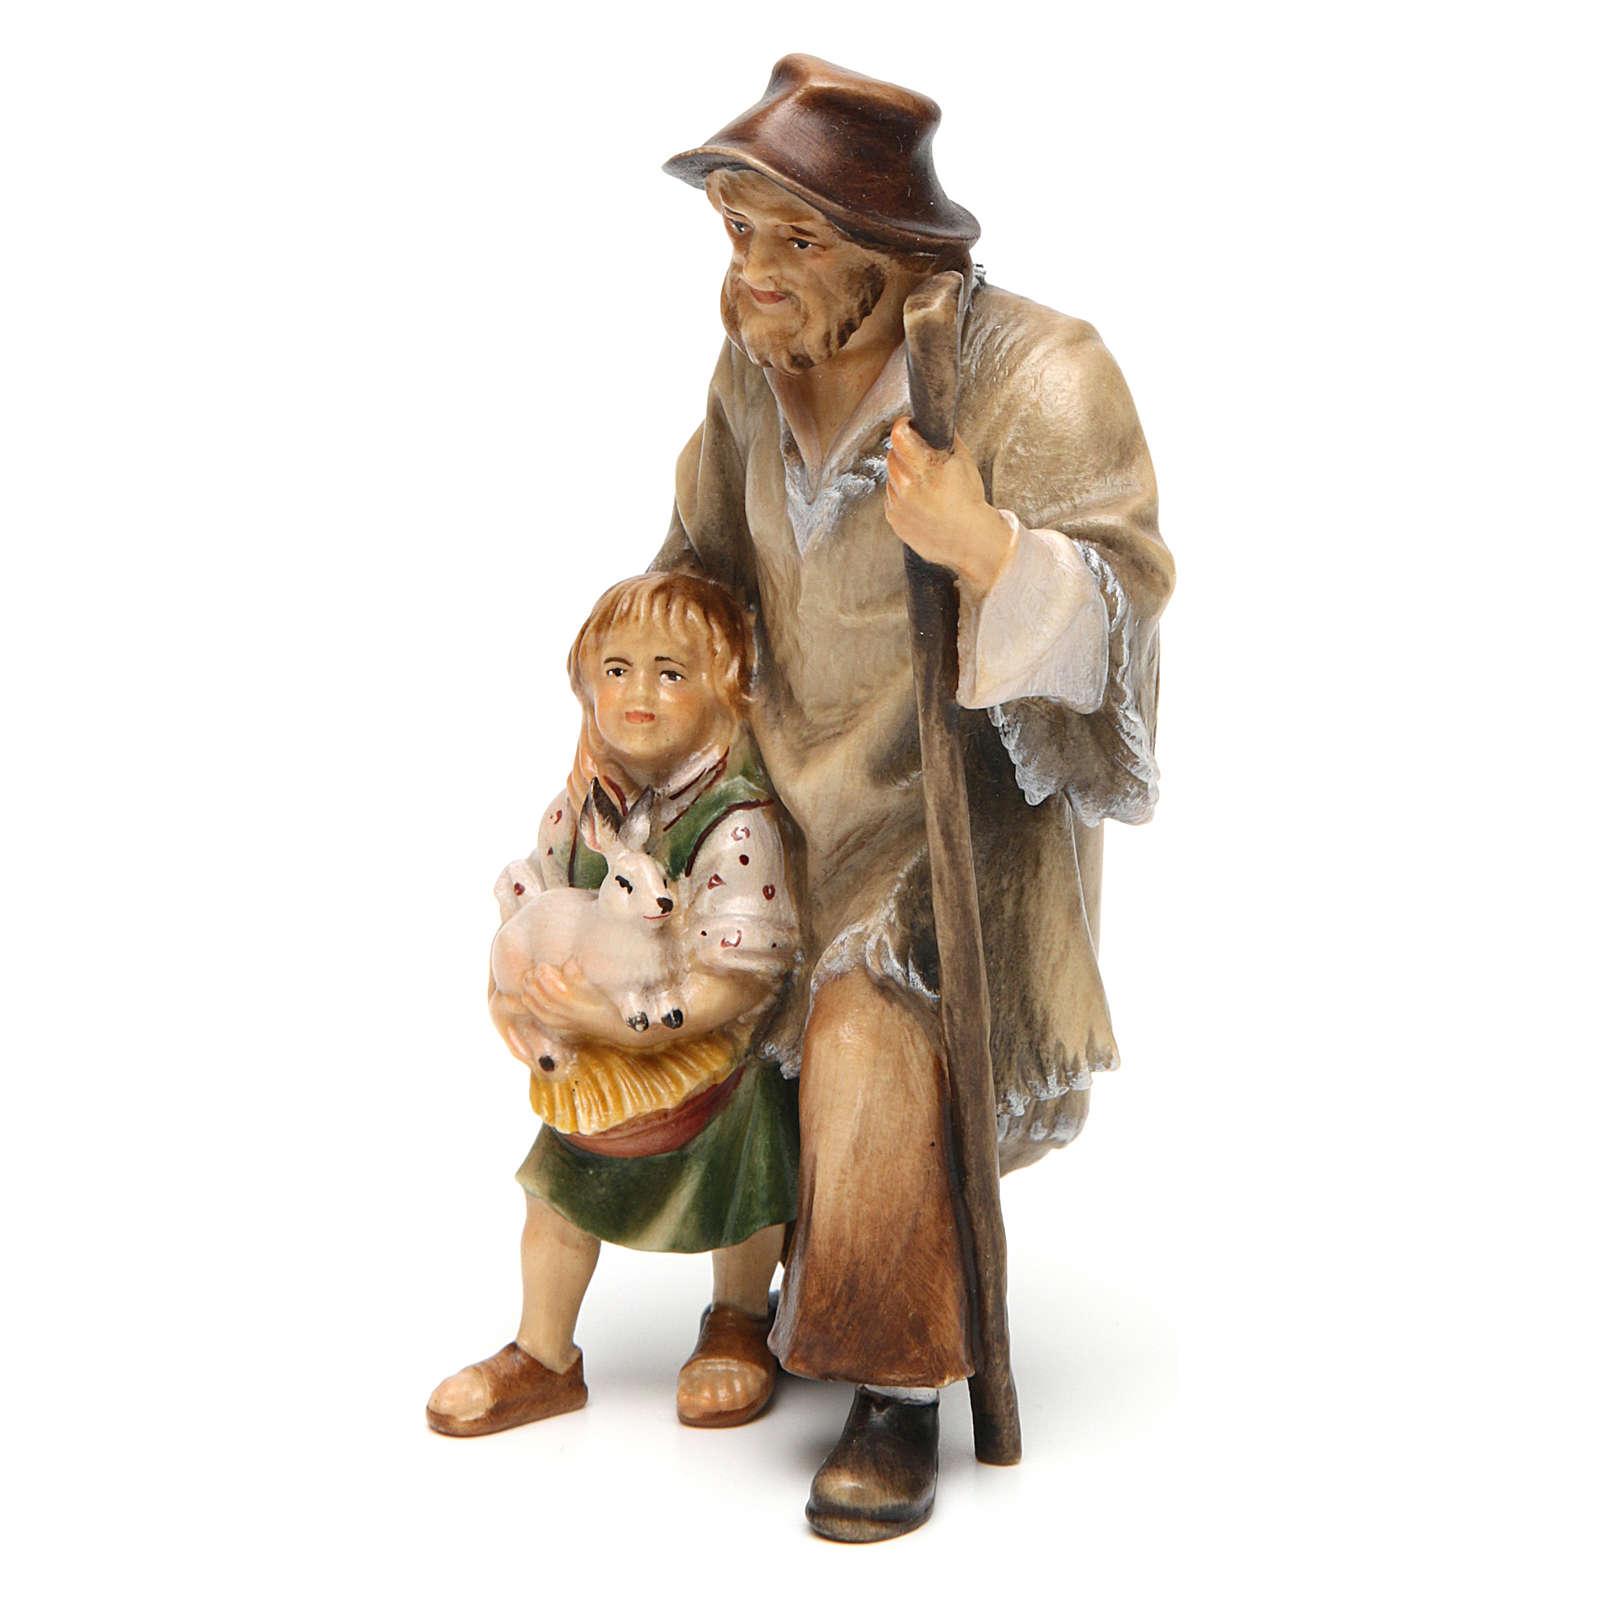 Pastore con bambina presepe Original legno dipinto Valgardena 12 cm 4